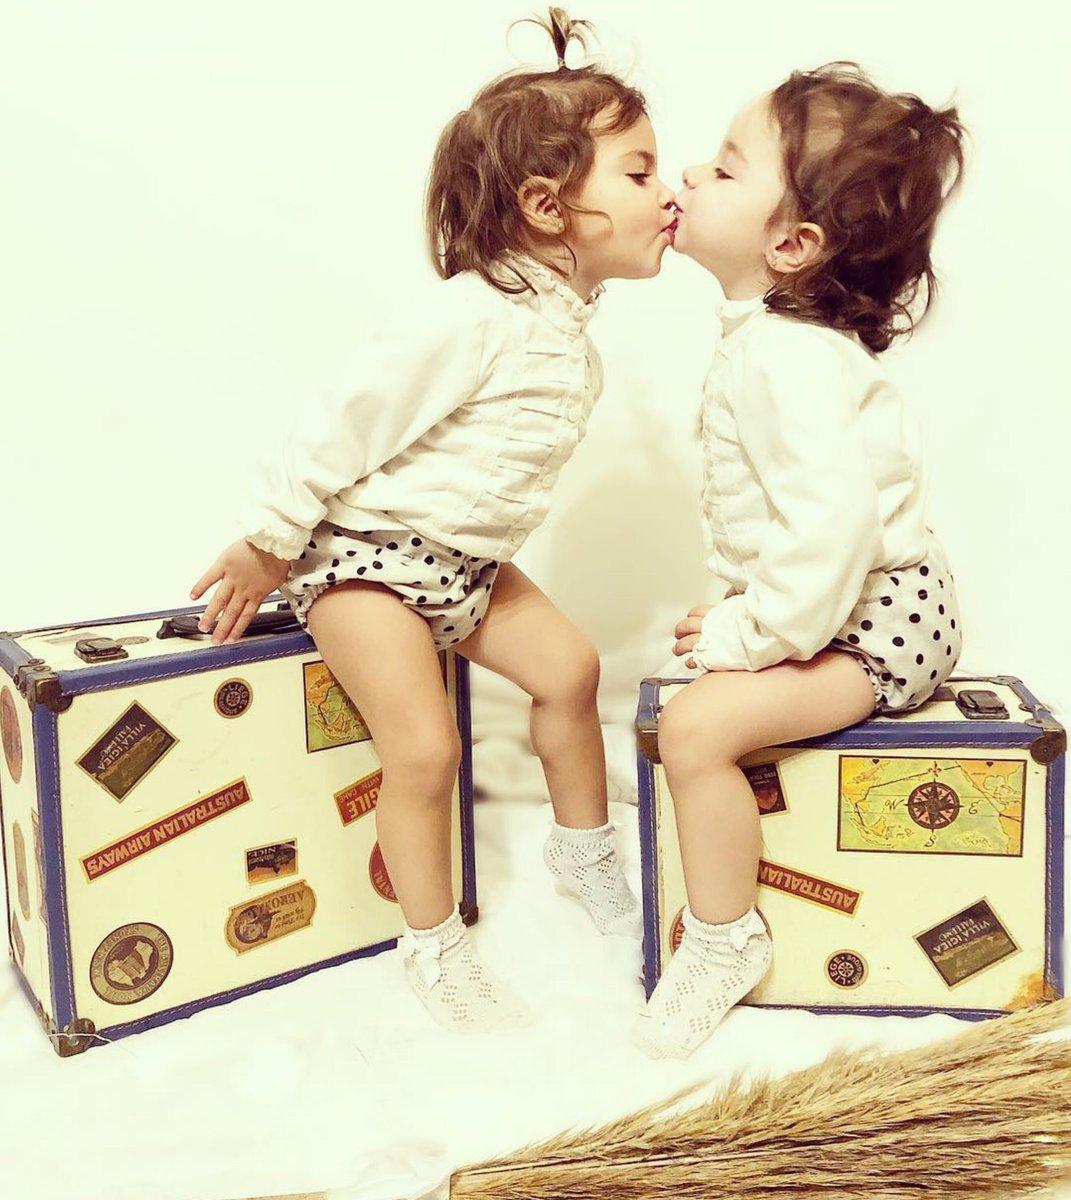 #kiss & #love  Ideas bonitas hechas a mano con amor... #carminitta